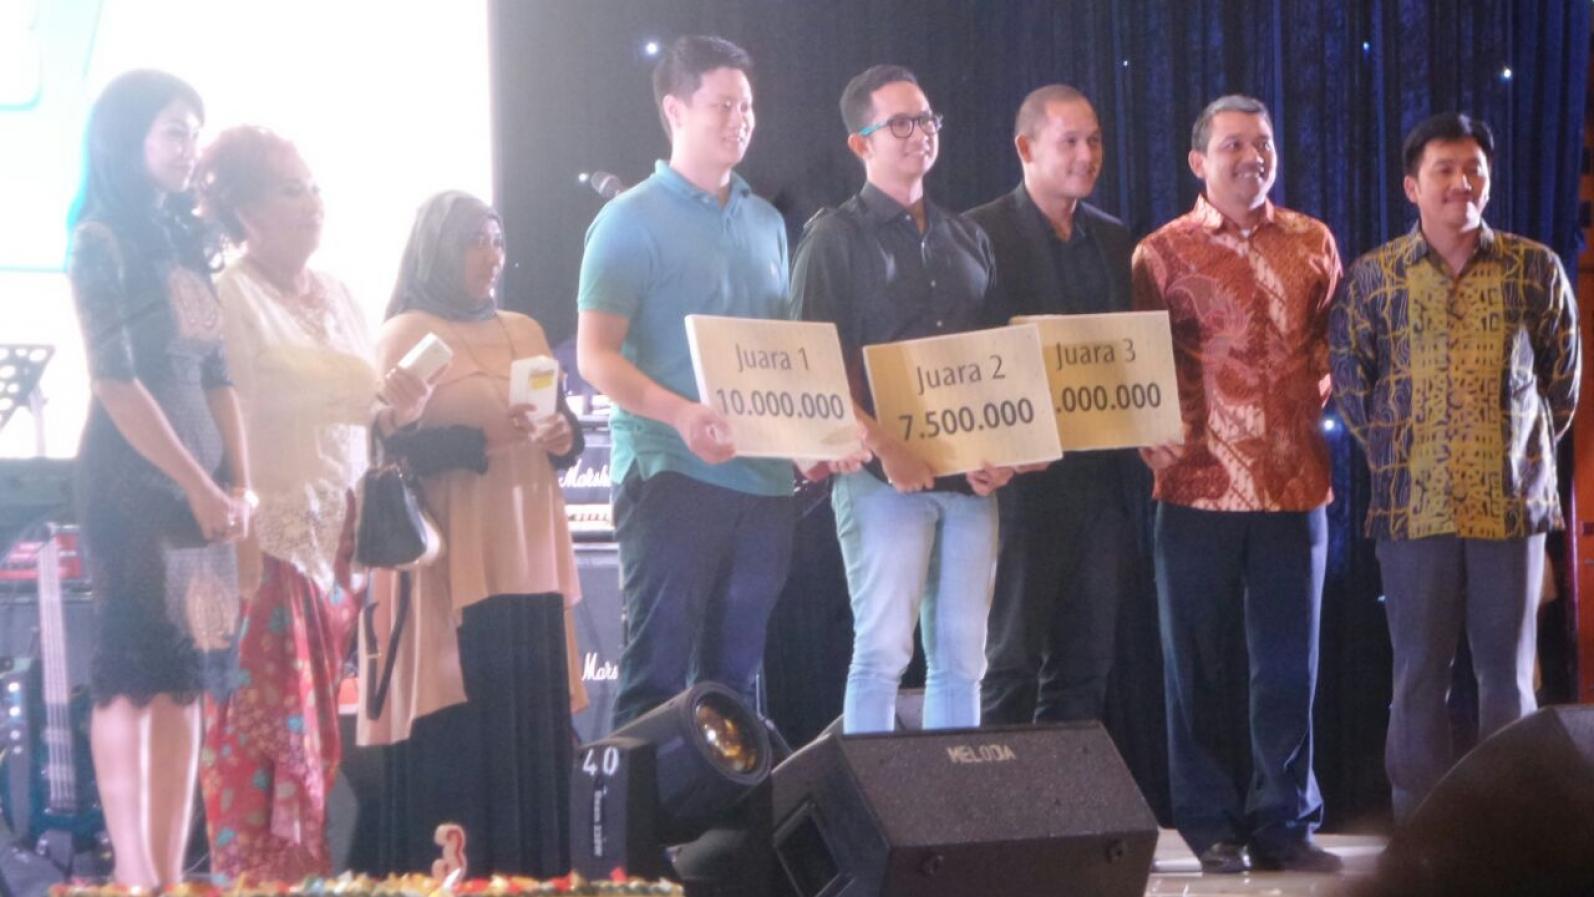 para-pemenang-doorprize-berfoto-bersama-dengan-manajemen-dan-direksi-pt-pp-ptoperti-tbk